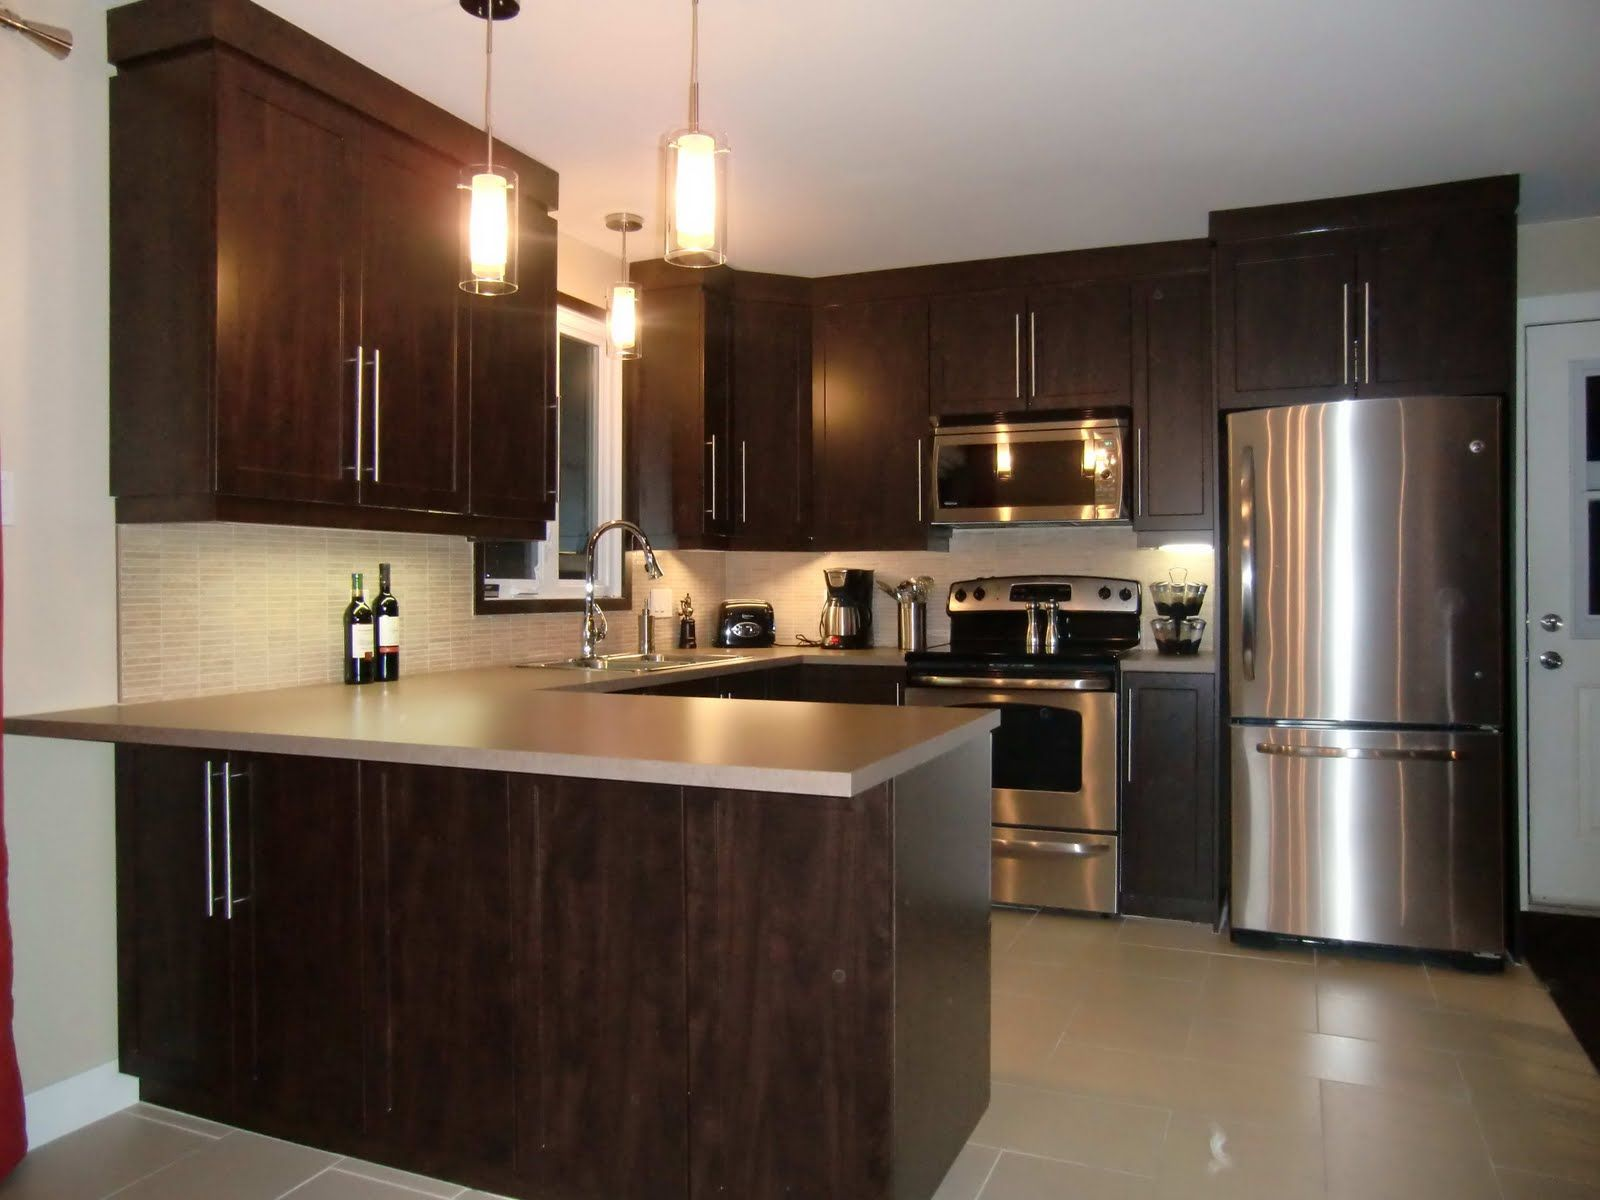 Armoire De Cuisine Specialitesmm Armoire De Cuisine En Thermoplastique Kitchen Window Design Kitchen Design Small Home Decor Kitchen